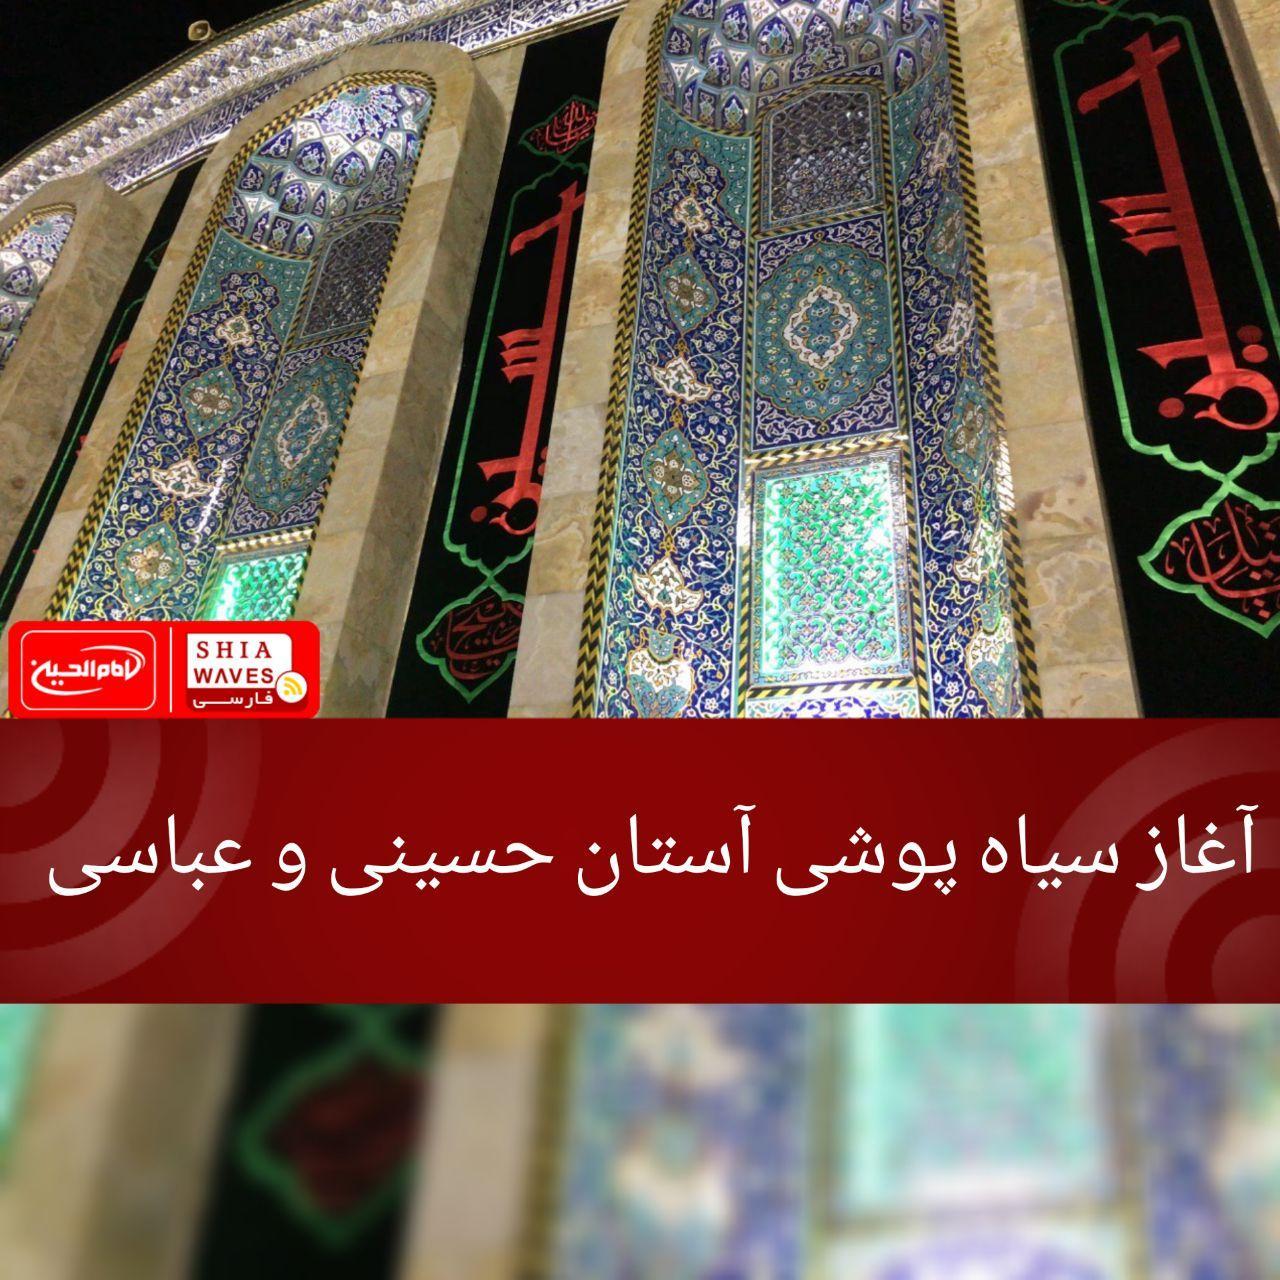 تصویر آغاز سیاه پوشی آستان حسینی و عباسی